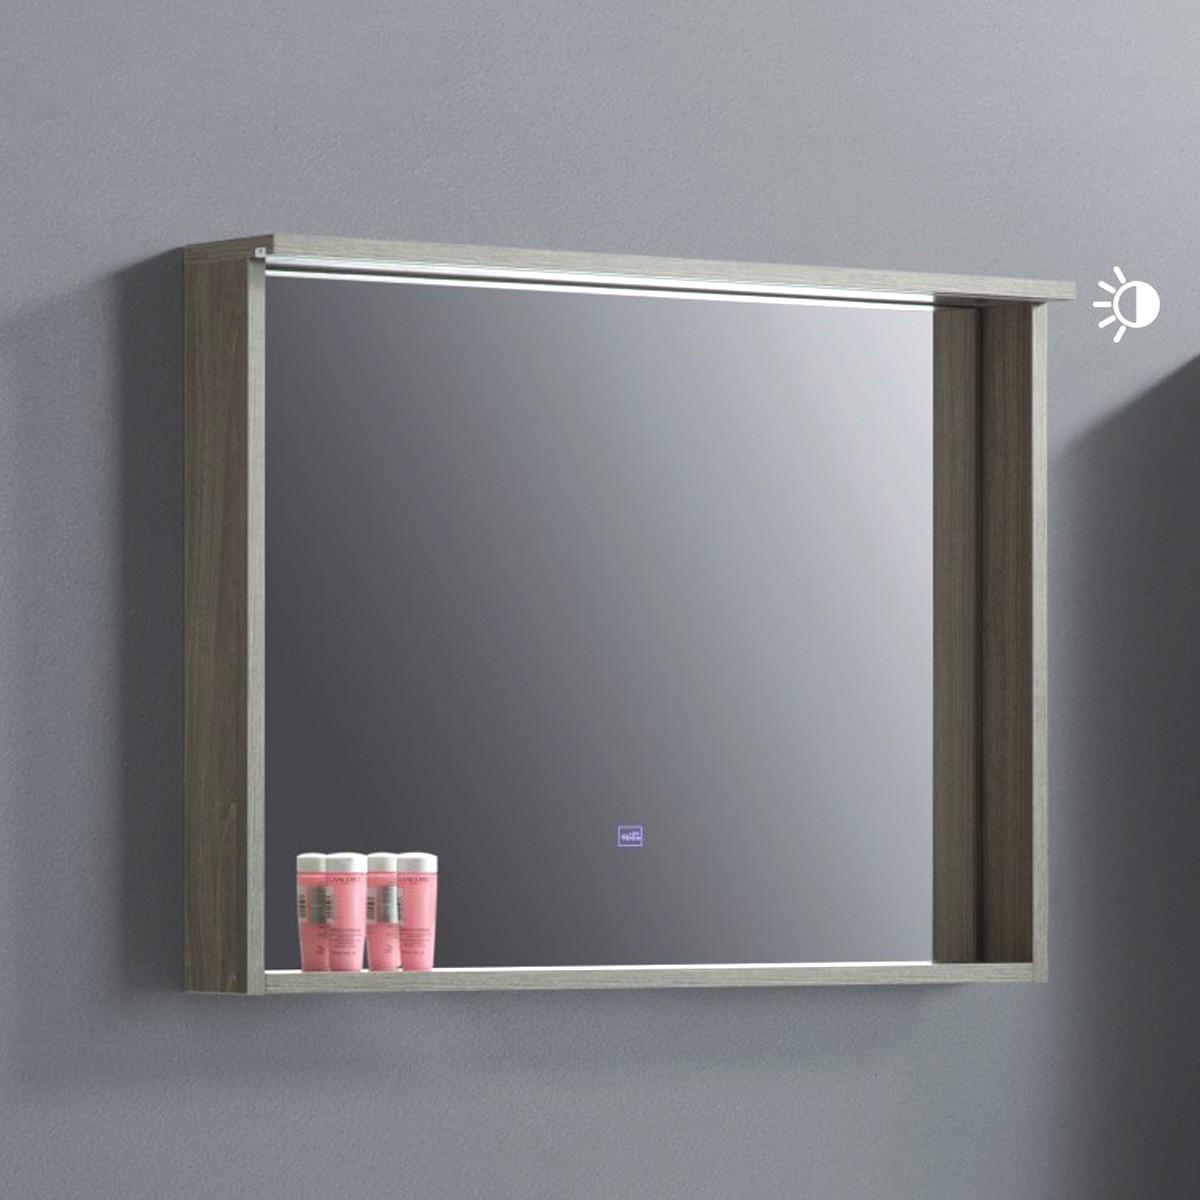 32 x 24 po Miroir pour vanité avec étagère (VSW8001-M)